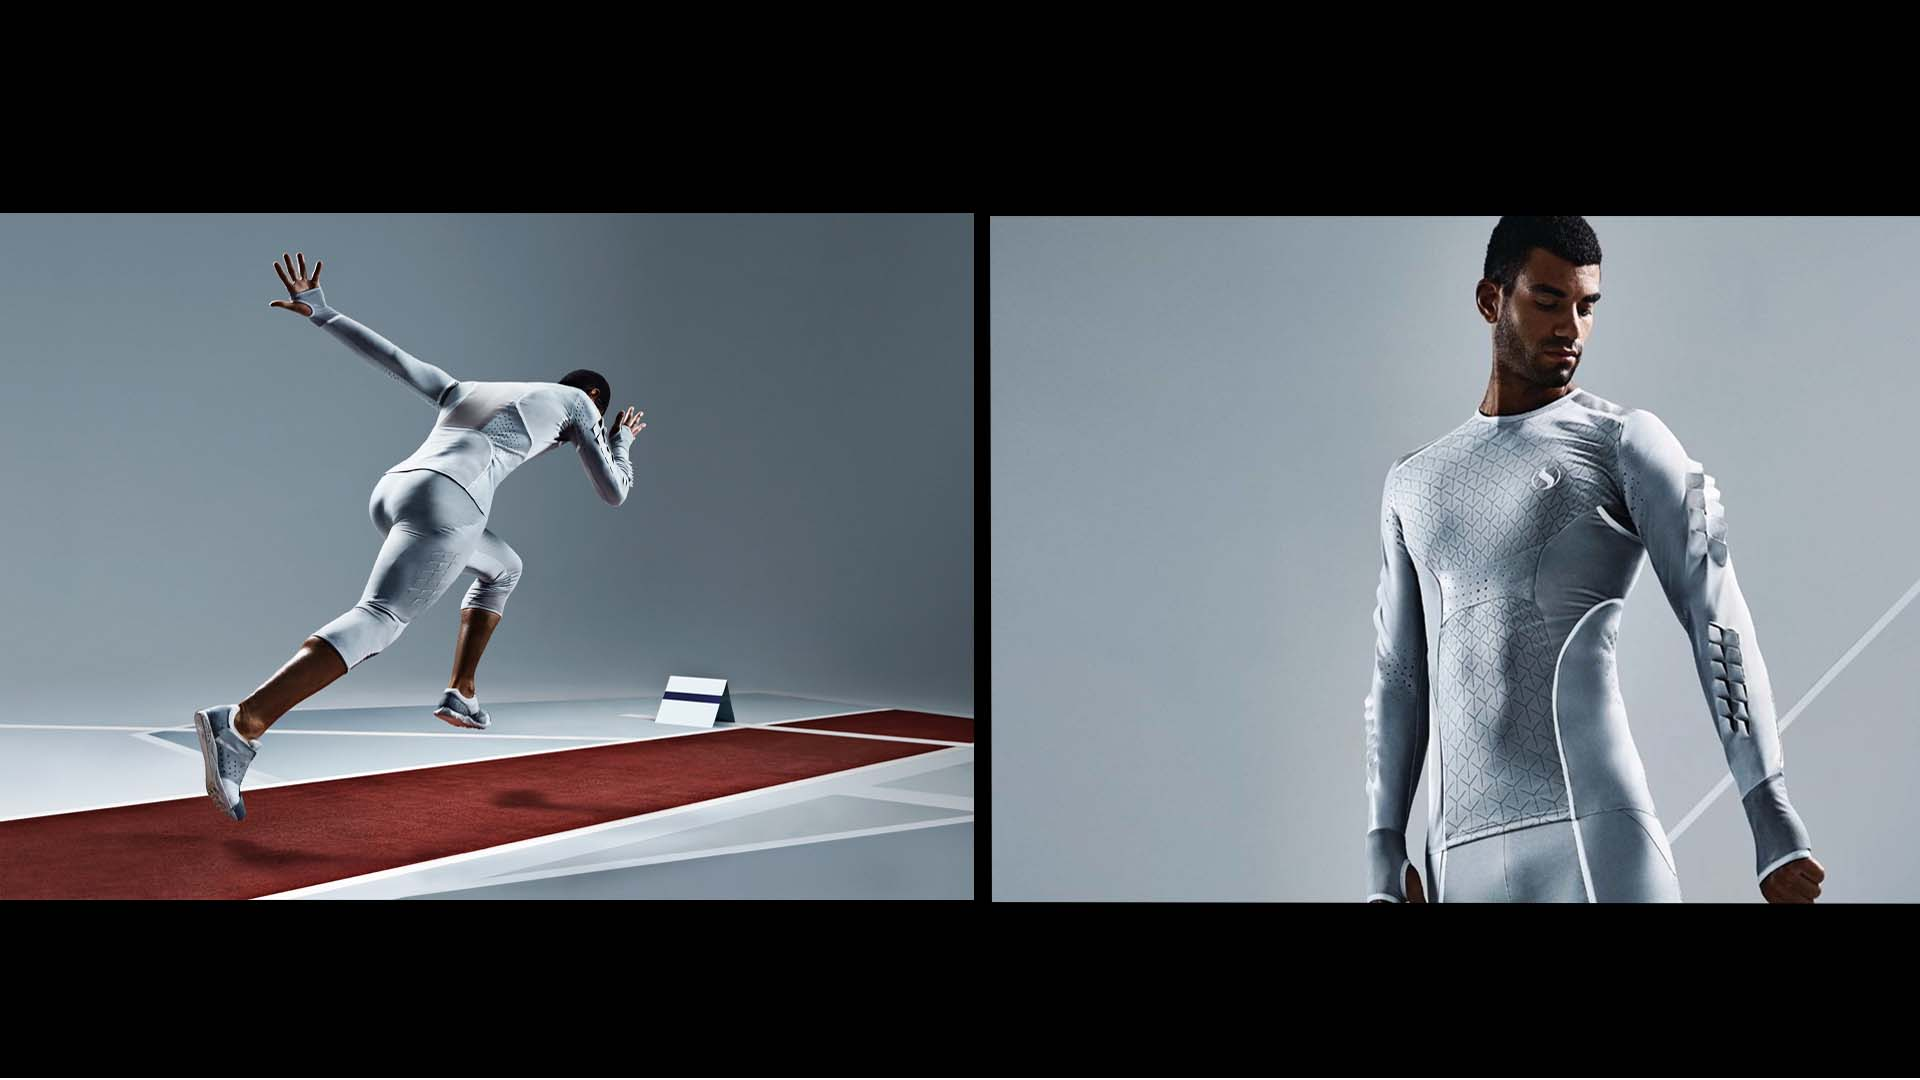 Afianzada en la empatia público-producto la marca ha diseñado un traje deportivo con los materiales de los preservativos